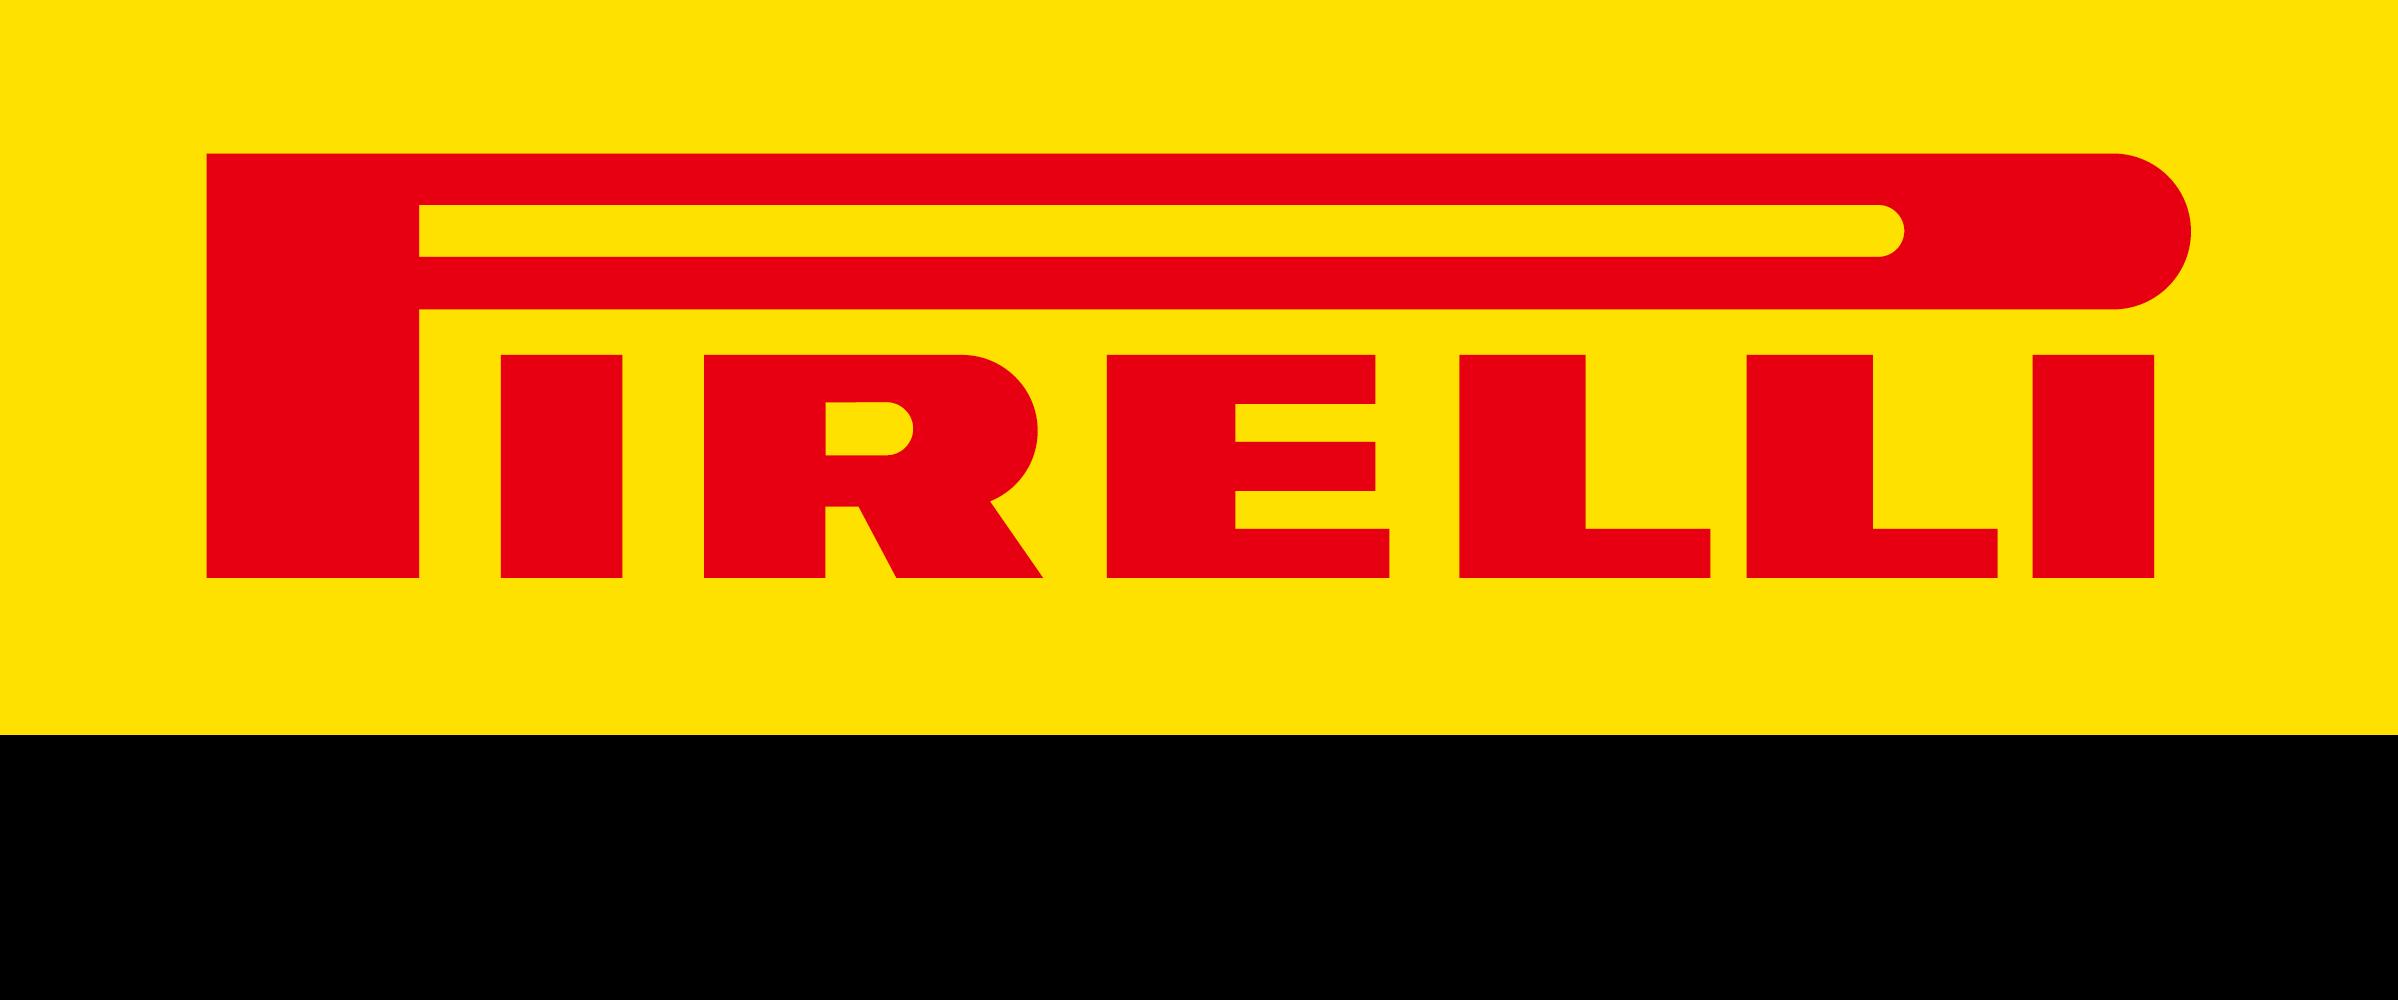 倍耐力是唯一一家成功入选联合国全球契约领军企业的轮胎公司